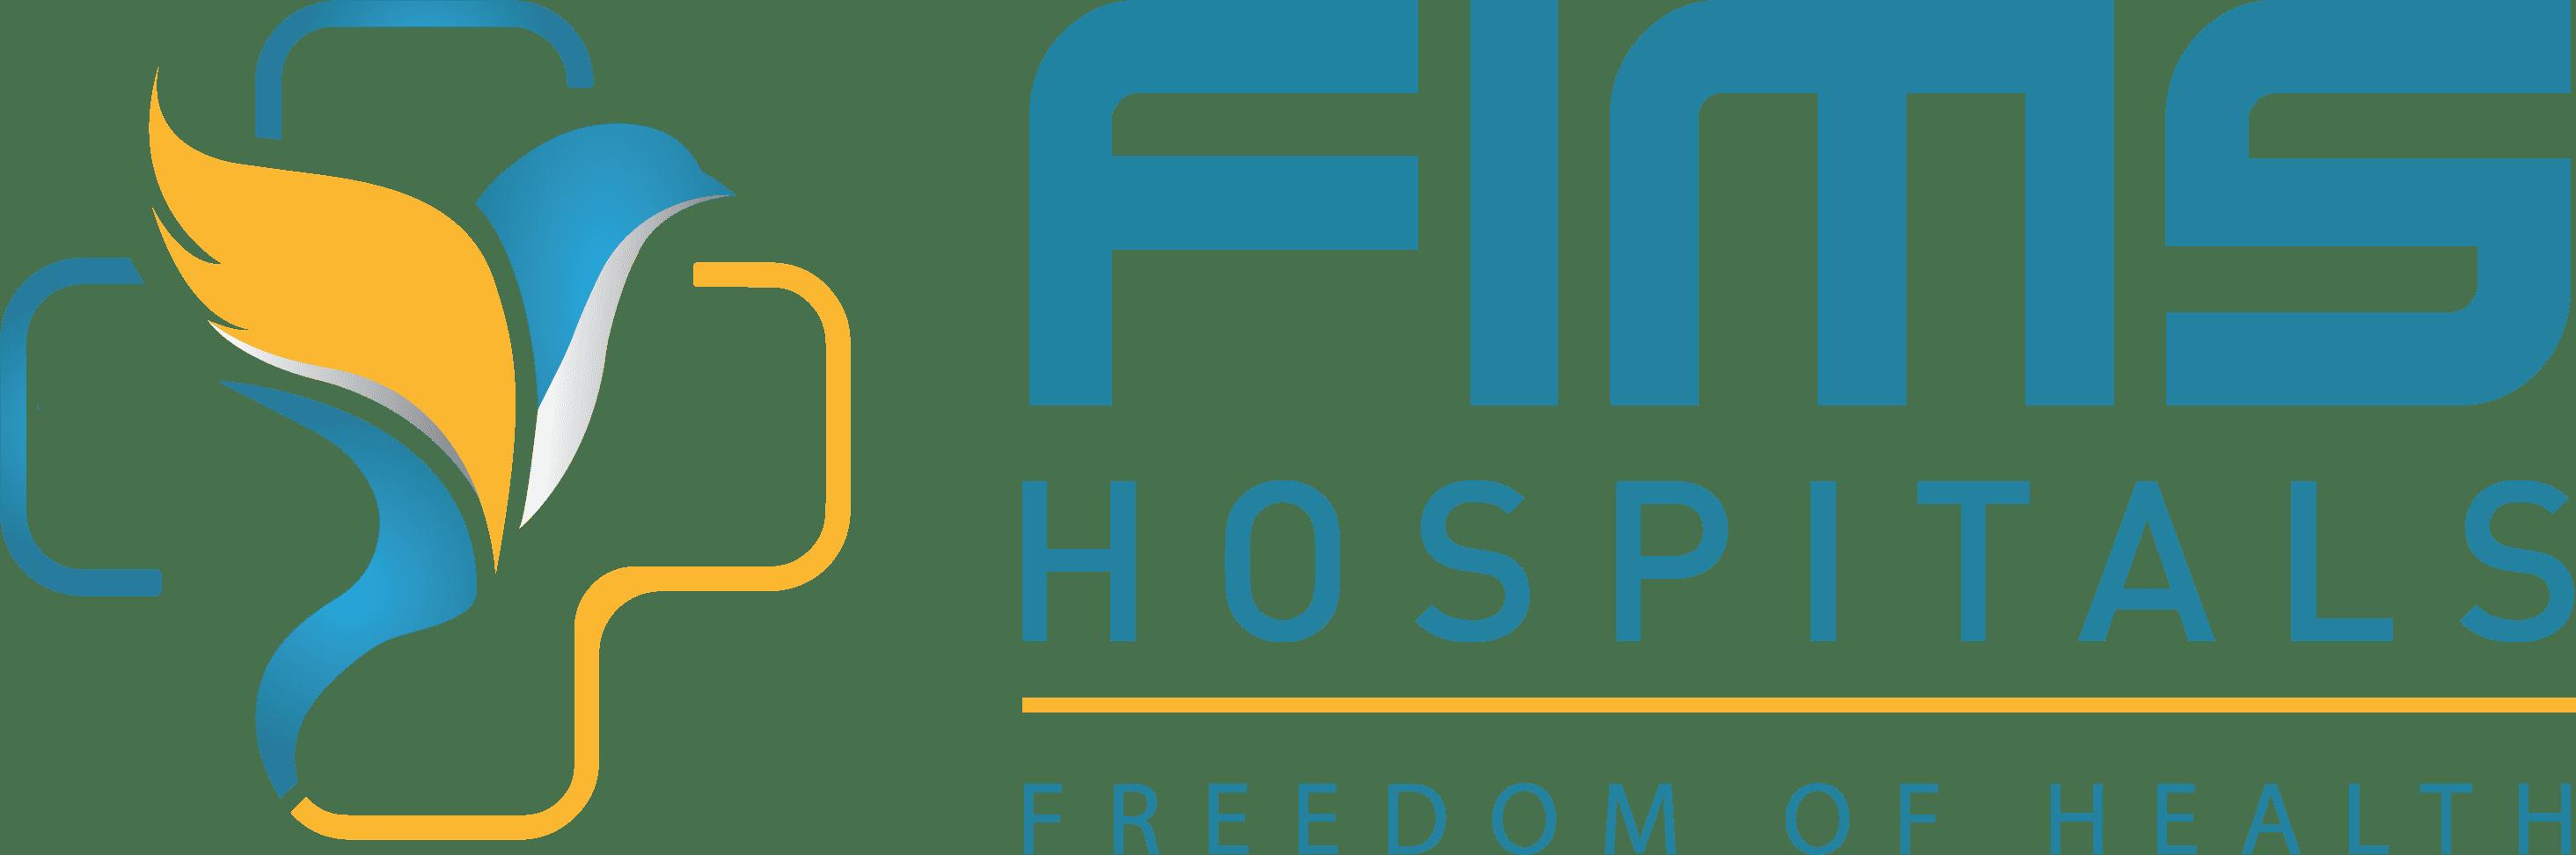 FIMS HOSPITALS LOGO